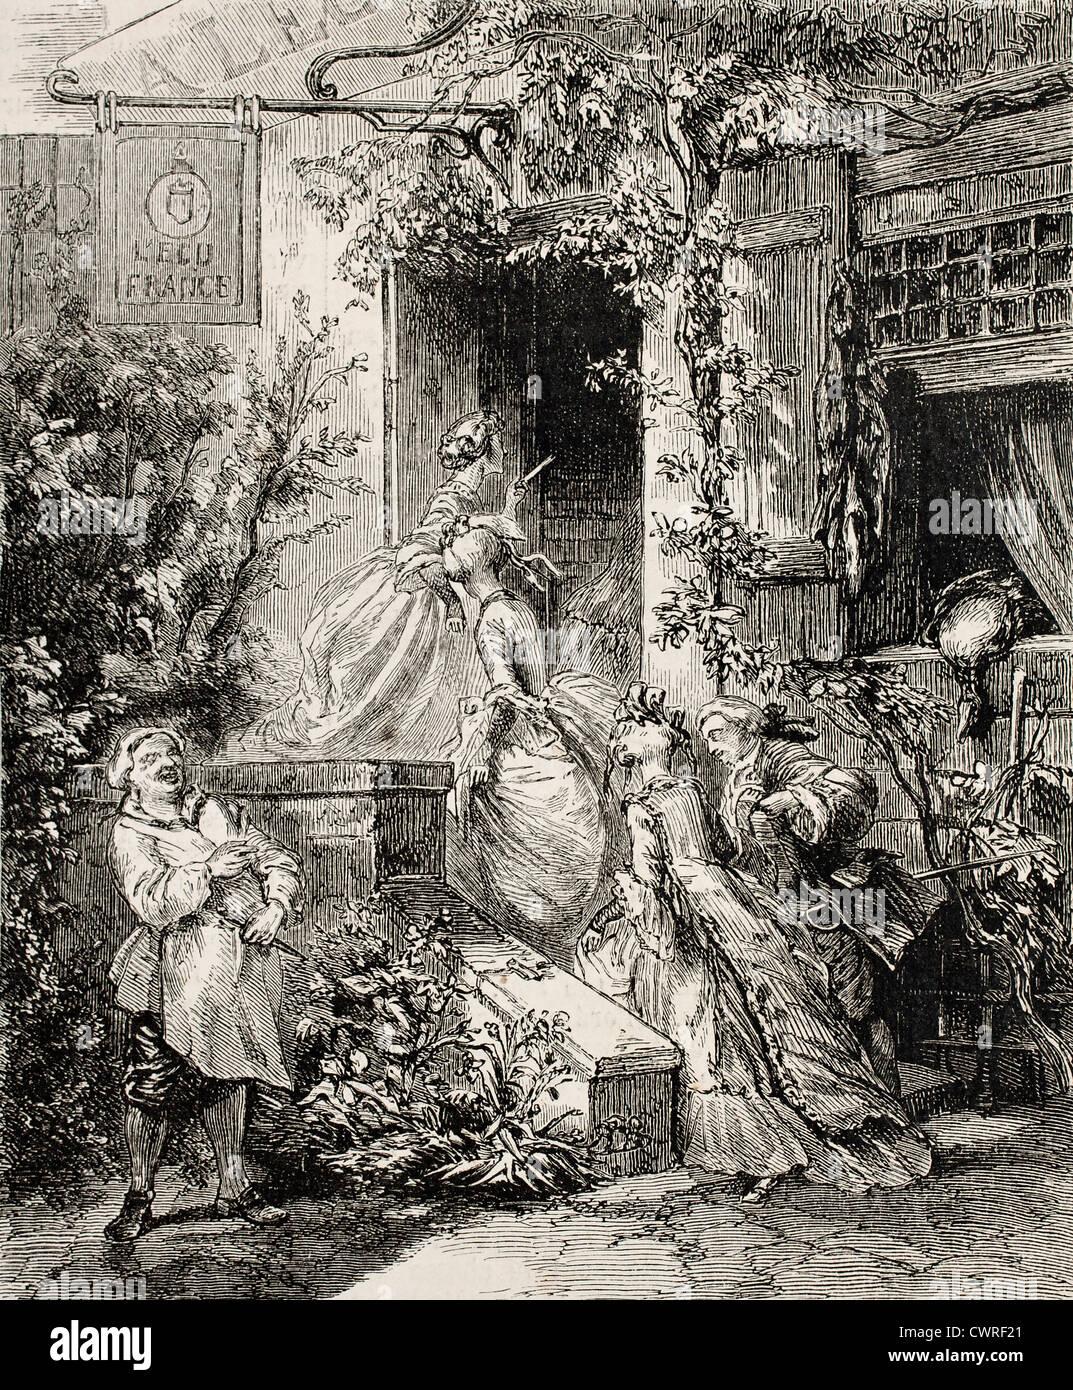 Inn's entrance - Stock Image